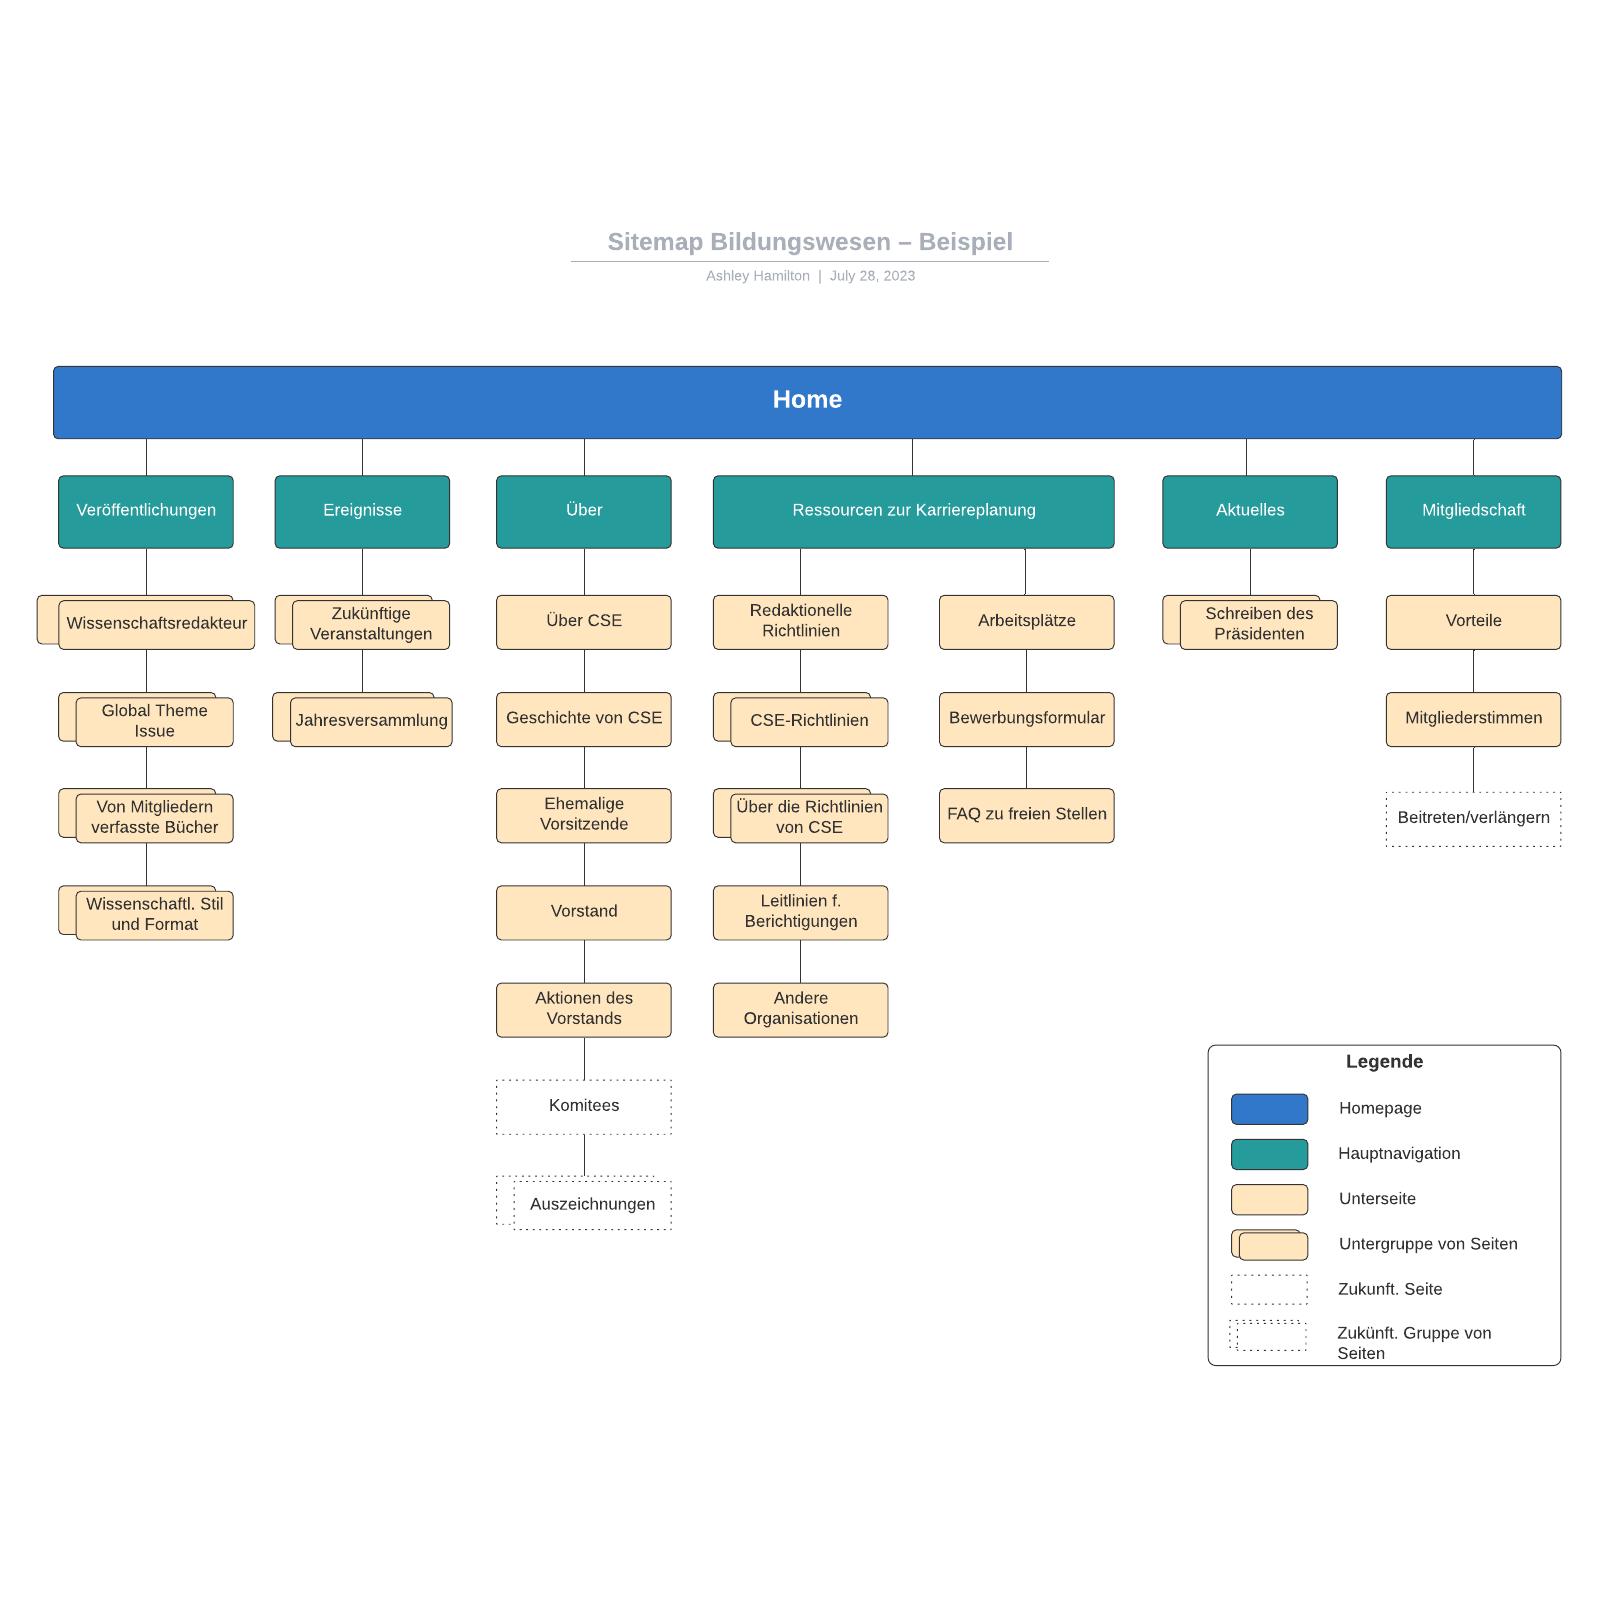 Bildungswesen Sitemap– Beispiel